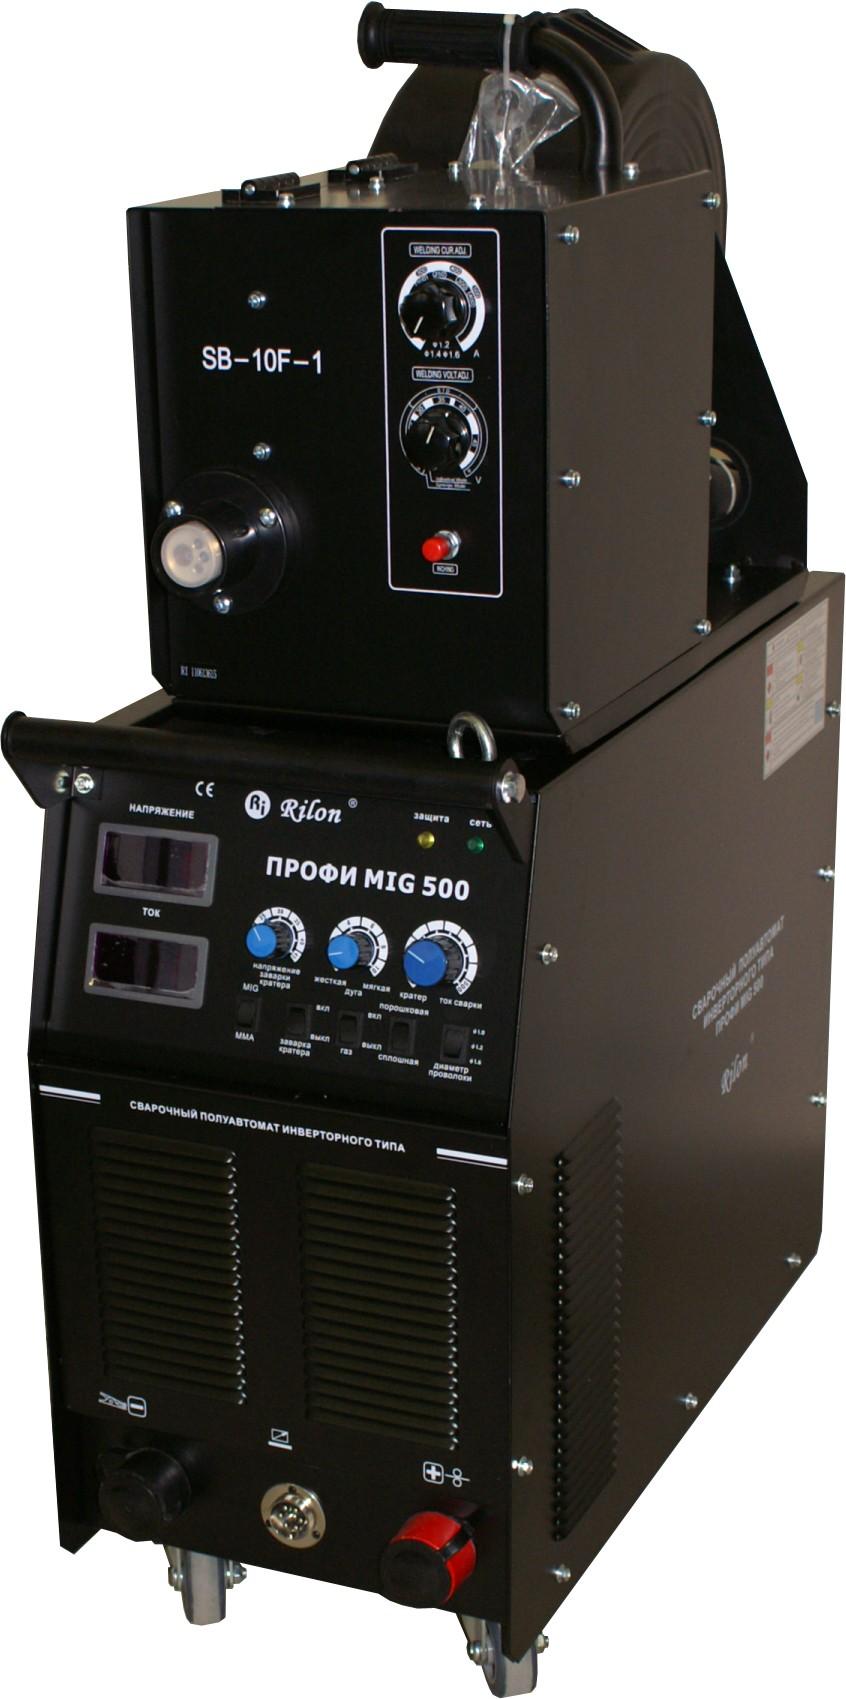 Инверторный полуавтомат MIG 500 ПРОФИ